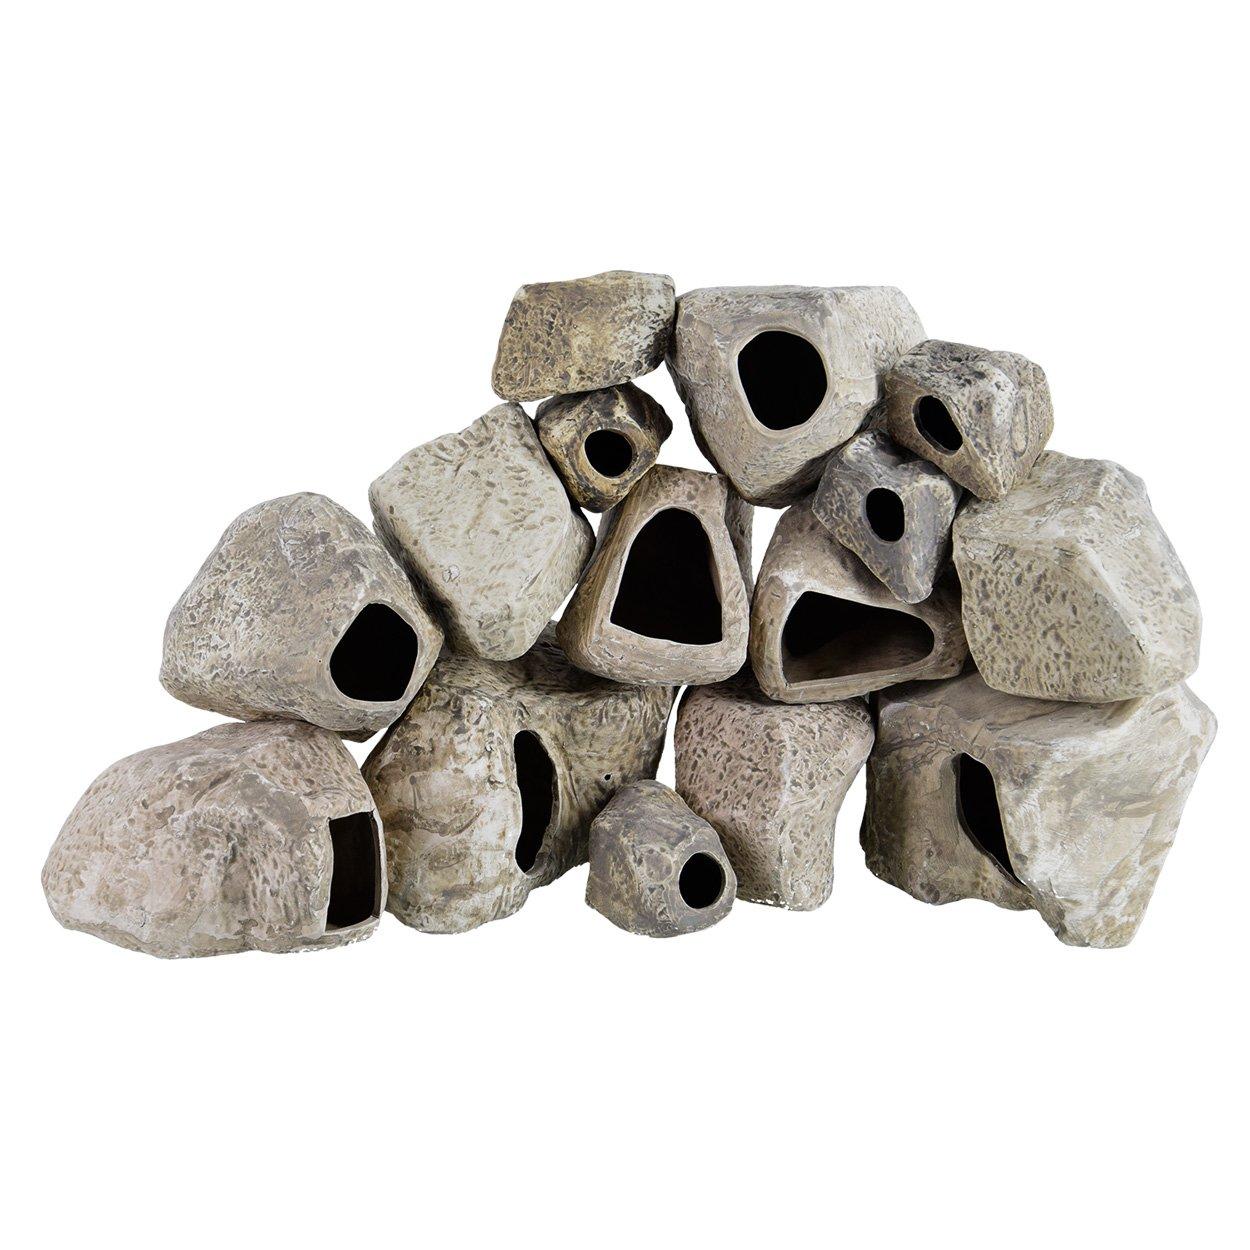 Seapora Aquarium Masters AM84015 Cichlid Stones - 15pc Assortment by Seapora